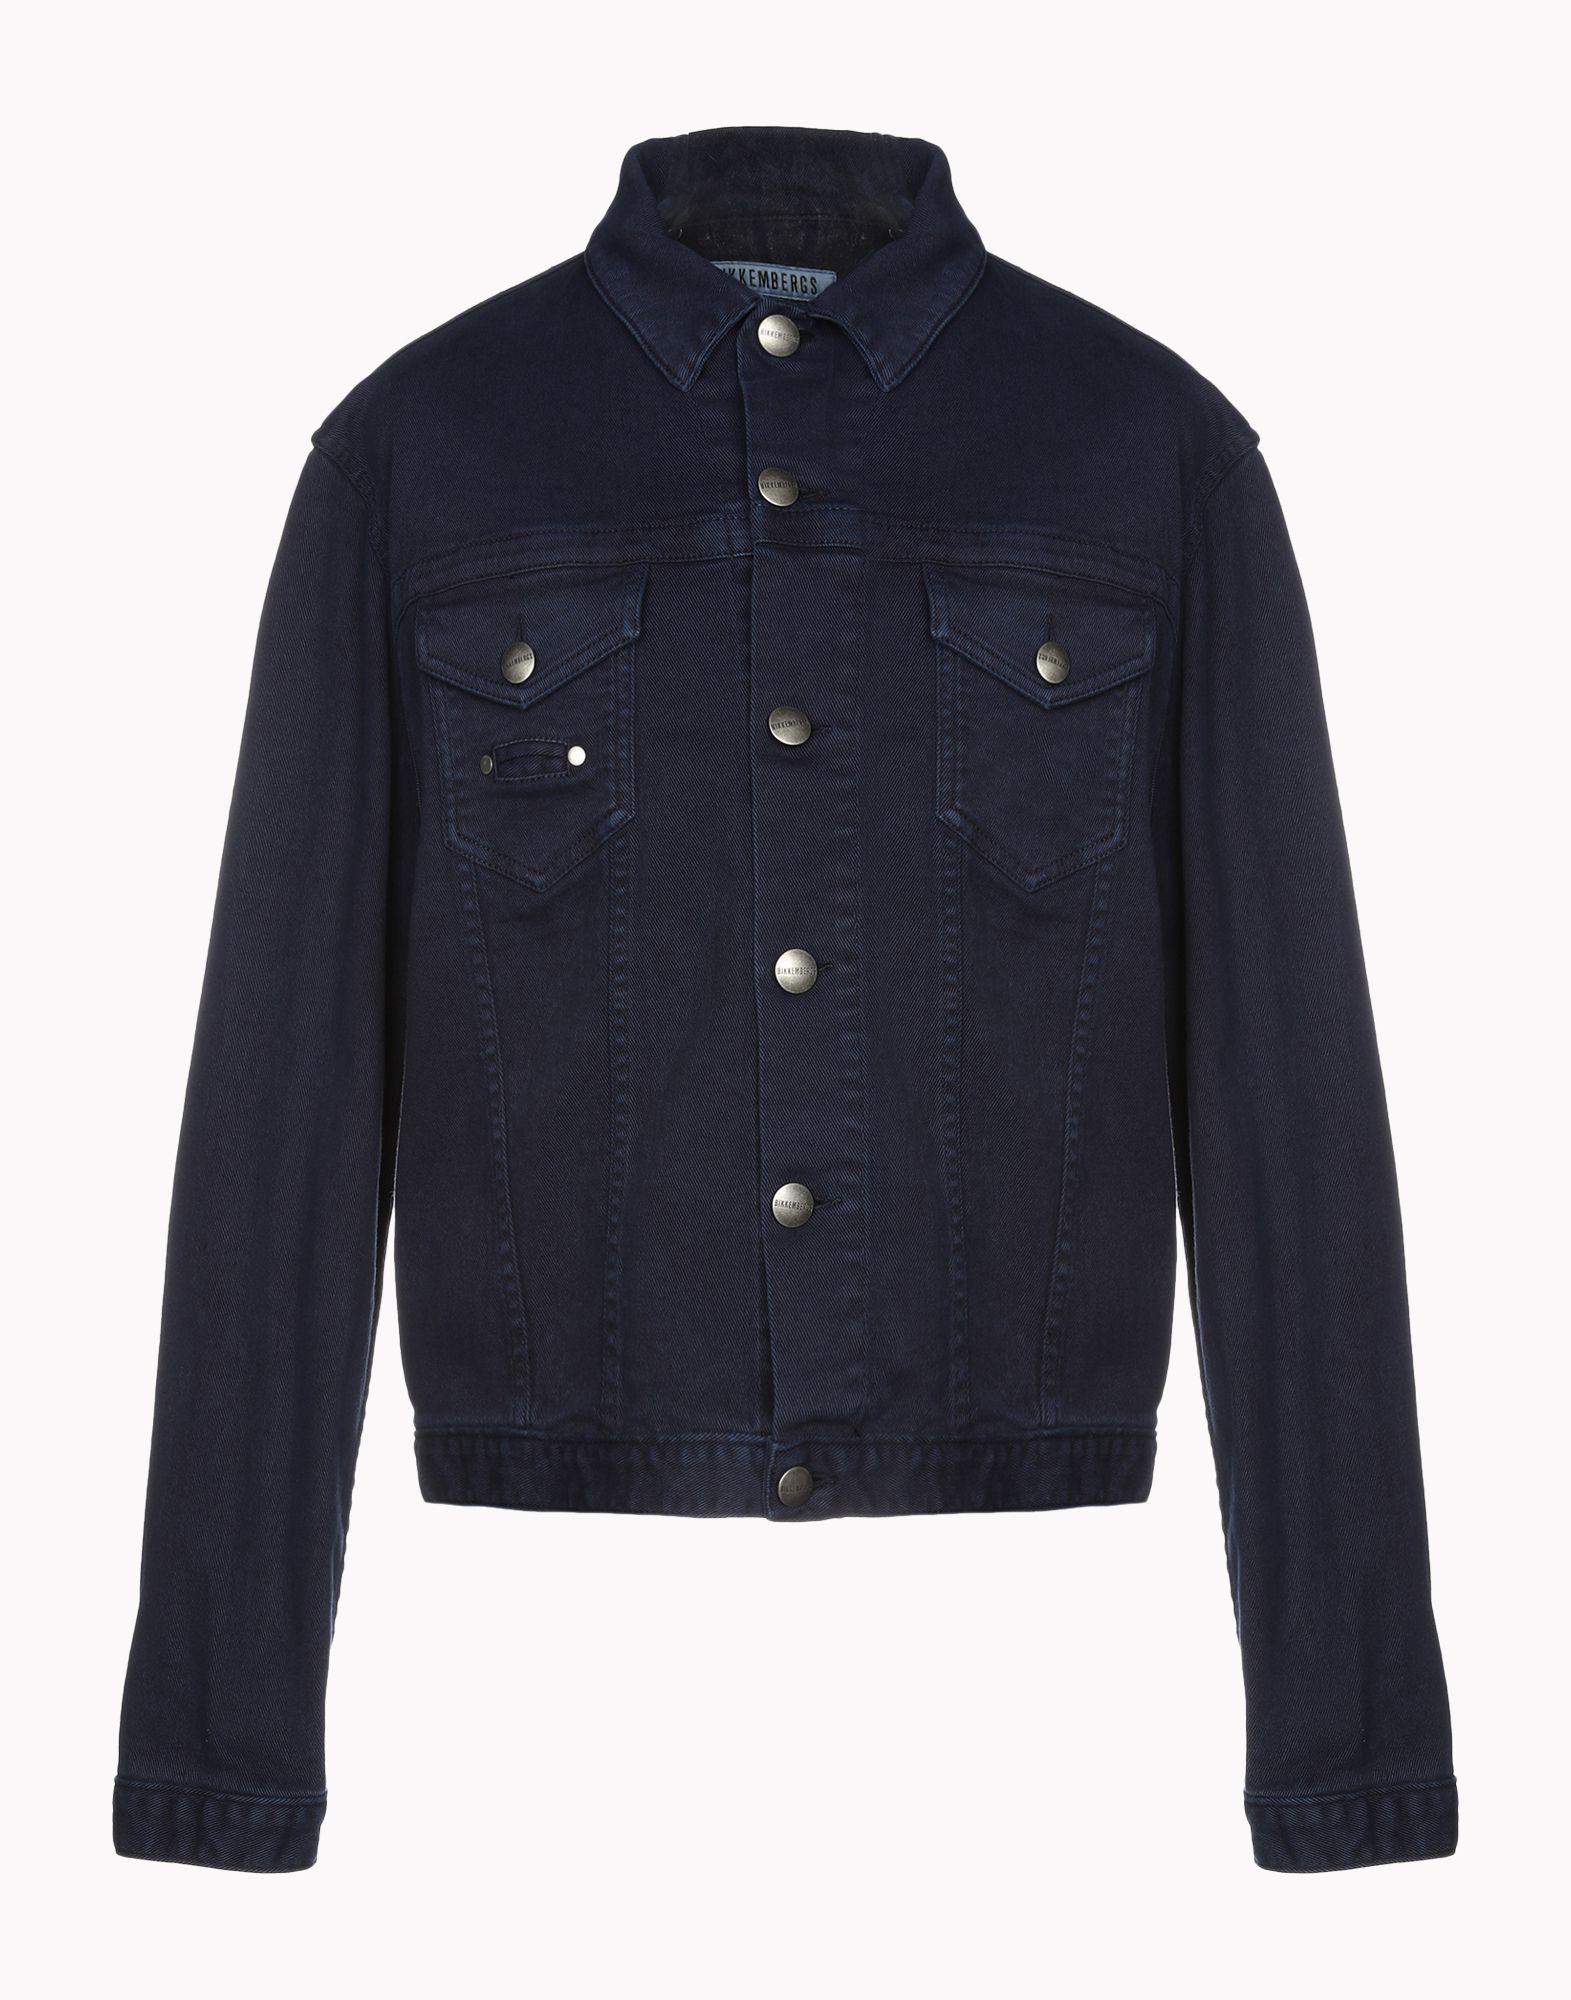 BIKKEMBERGS Джинсовая верхняя одежда брендовая одежда